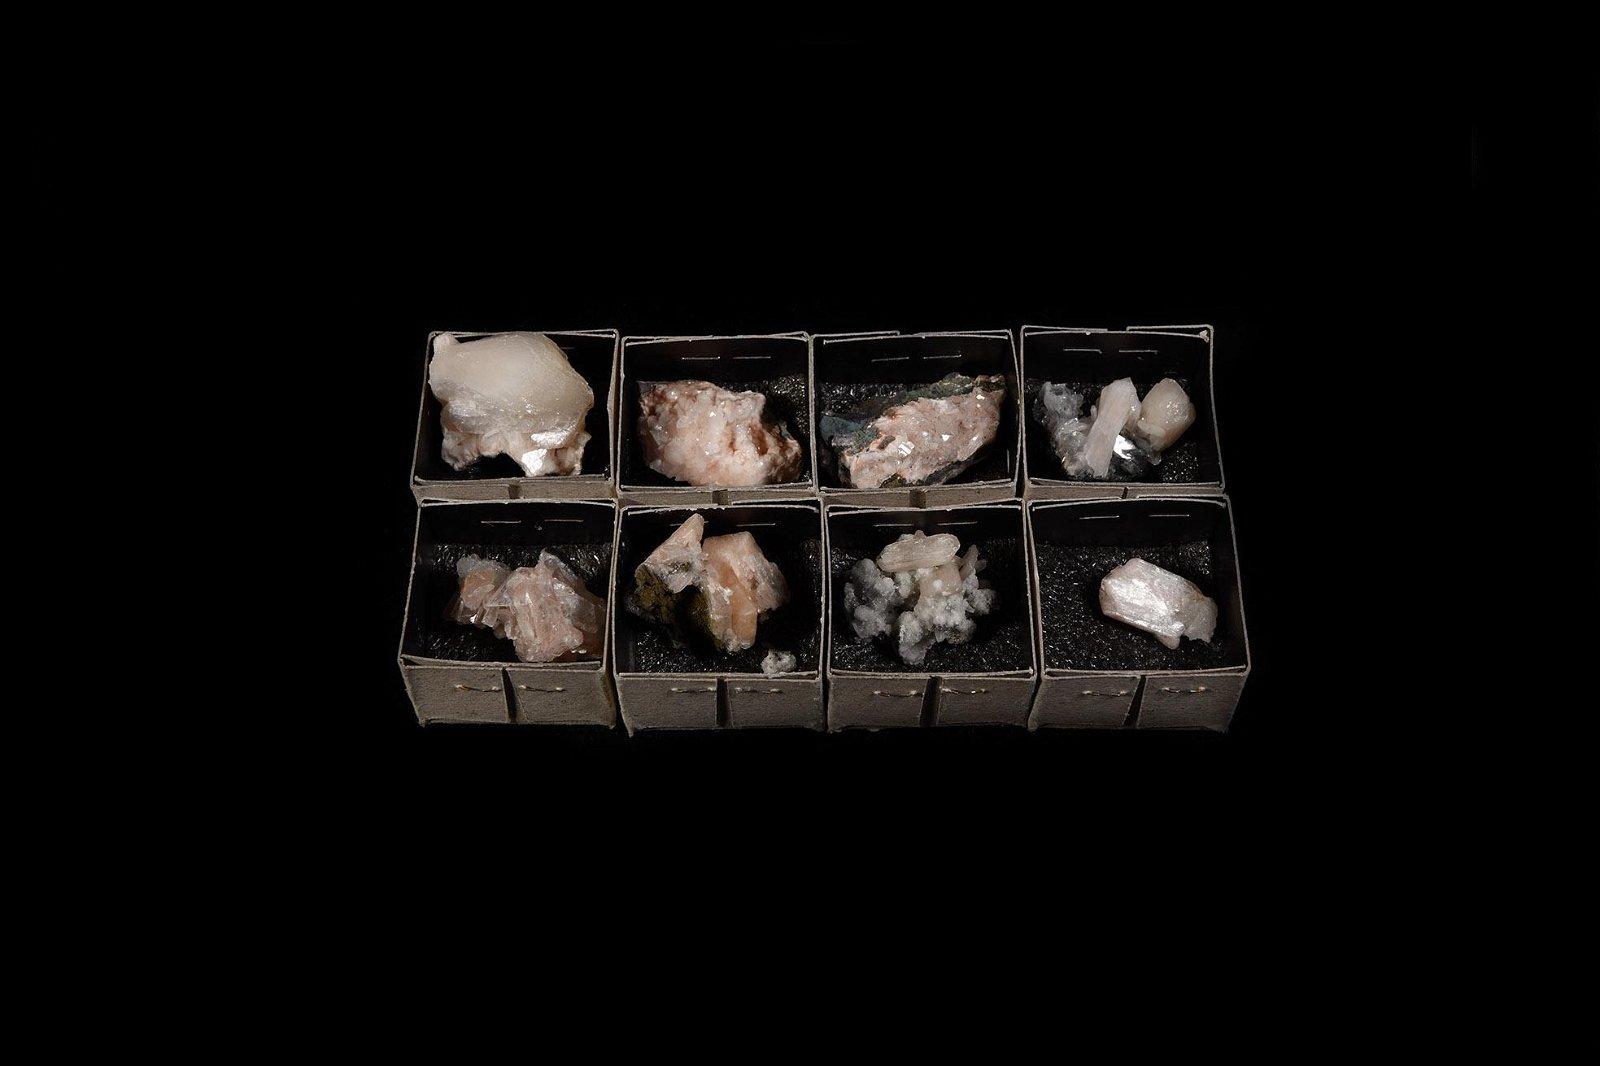 Stilbite Crystal Mineral Specimen Group